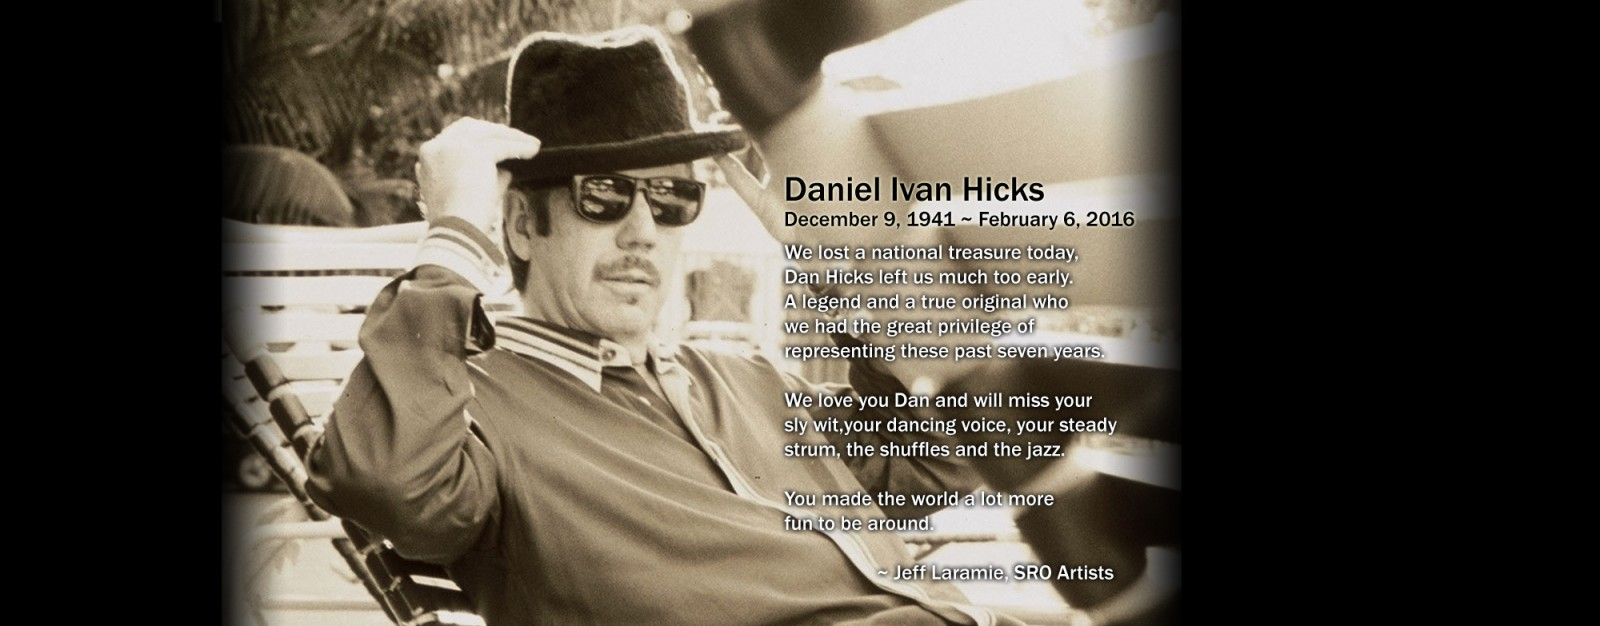 Dan Hicks